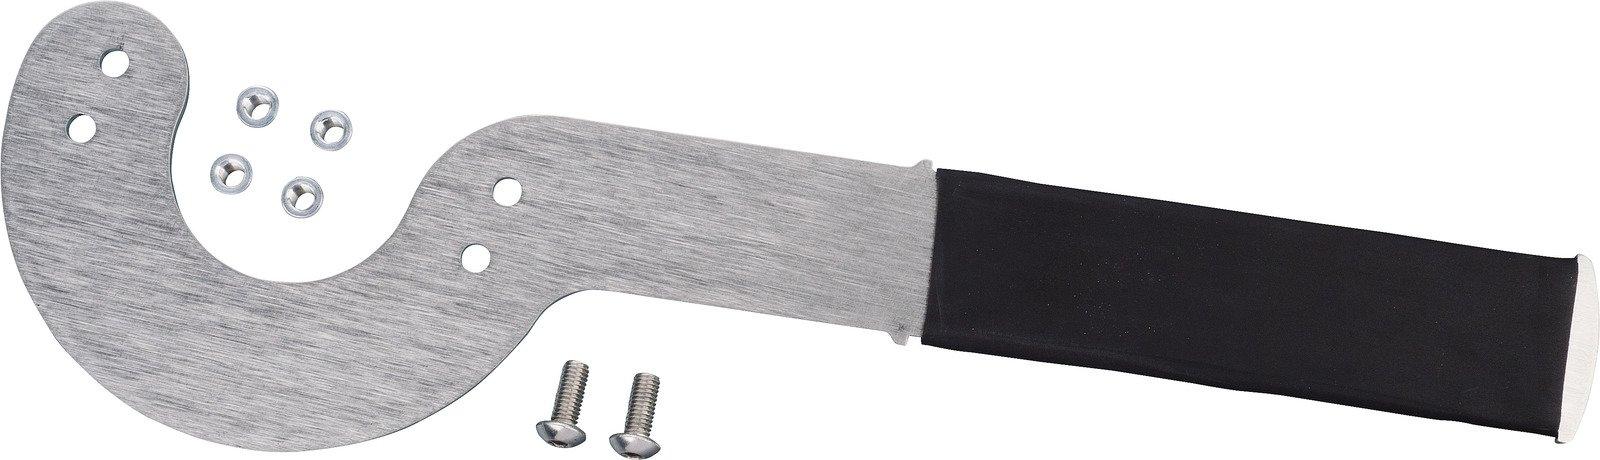 Power Dynamo Flywheel Tool Stainless Steel; Rubberized Handle 31311